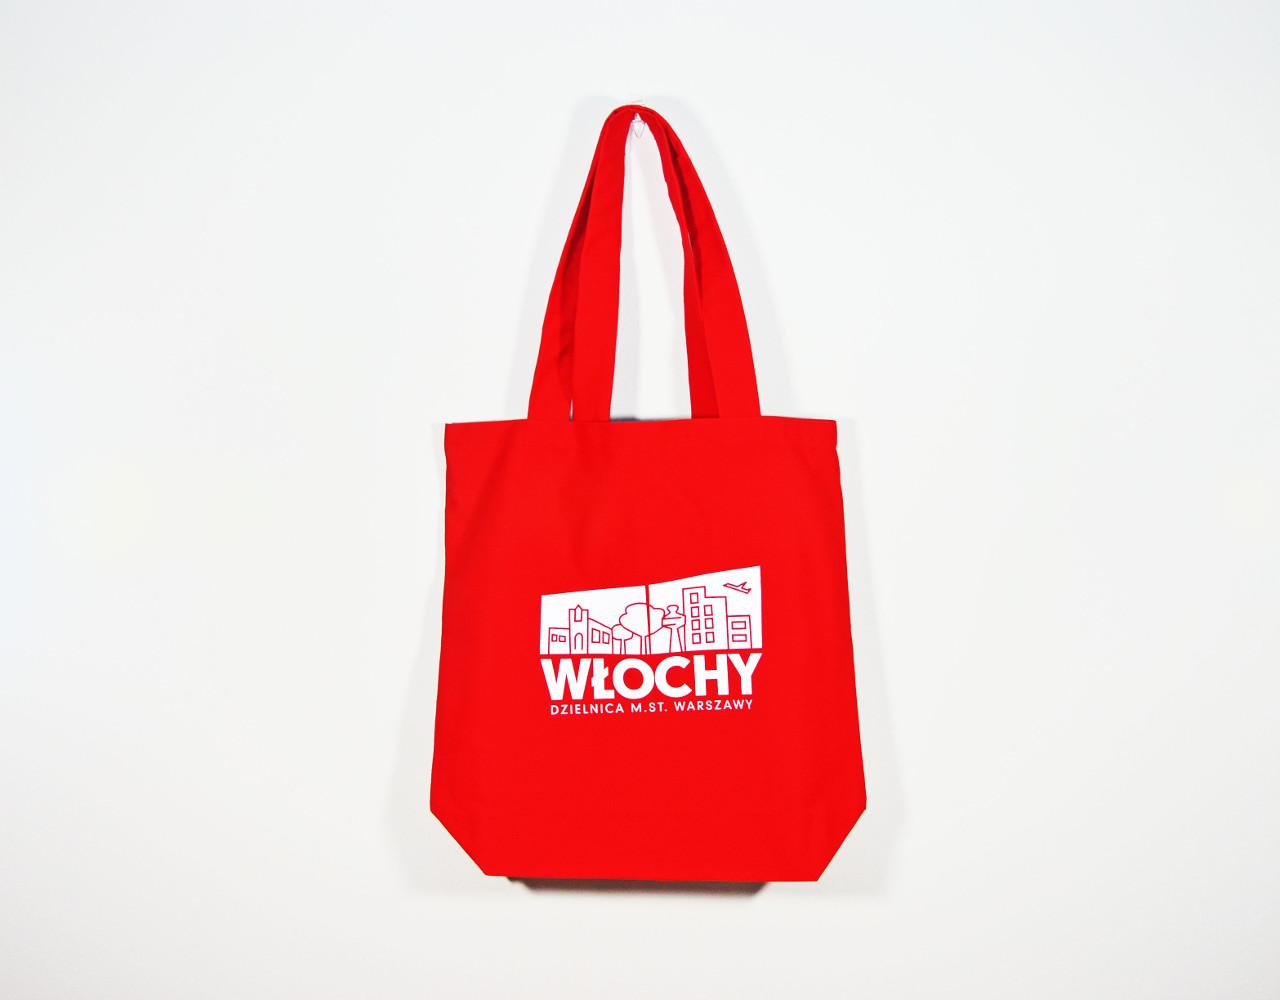 4e80da364f2d2 Torby reklamowe z nadrukiem. Stwórz swoją wymarzoną torbę. Wykonamy dowolny  model według Twojego indywidualnego projektu. Wybierz fason, rozmiar,  kolor, ...